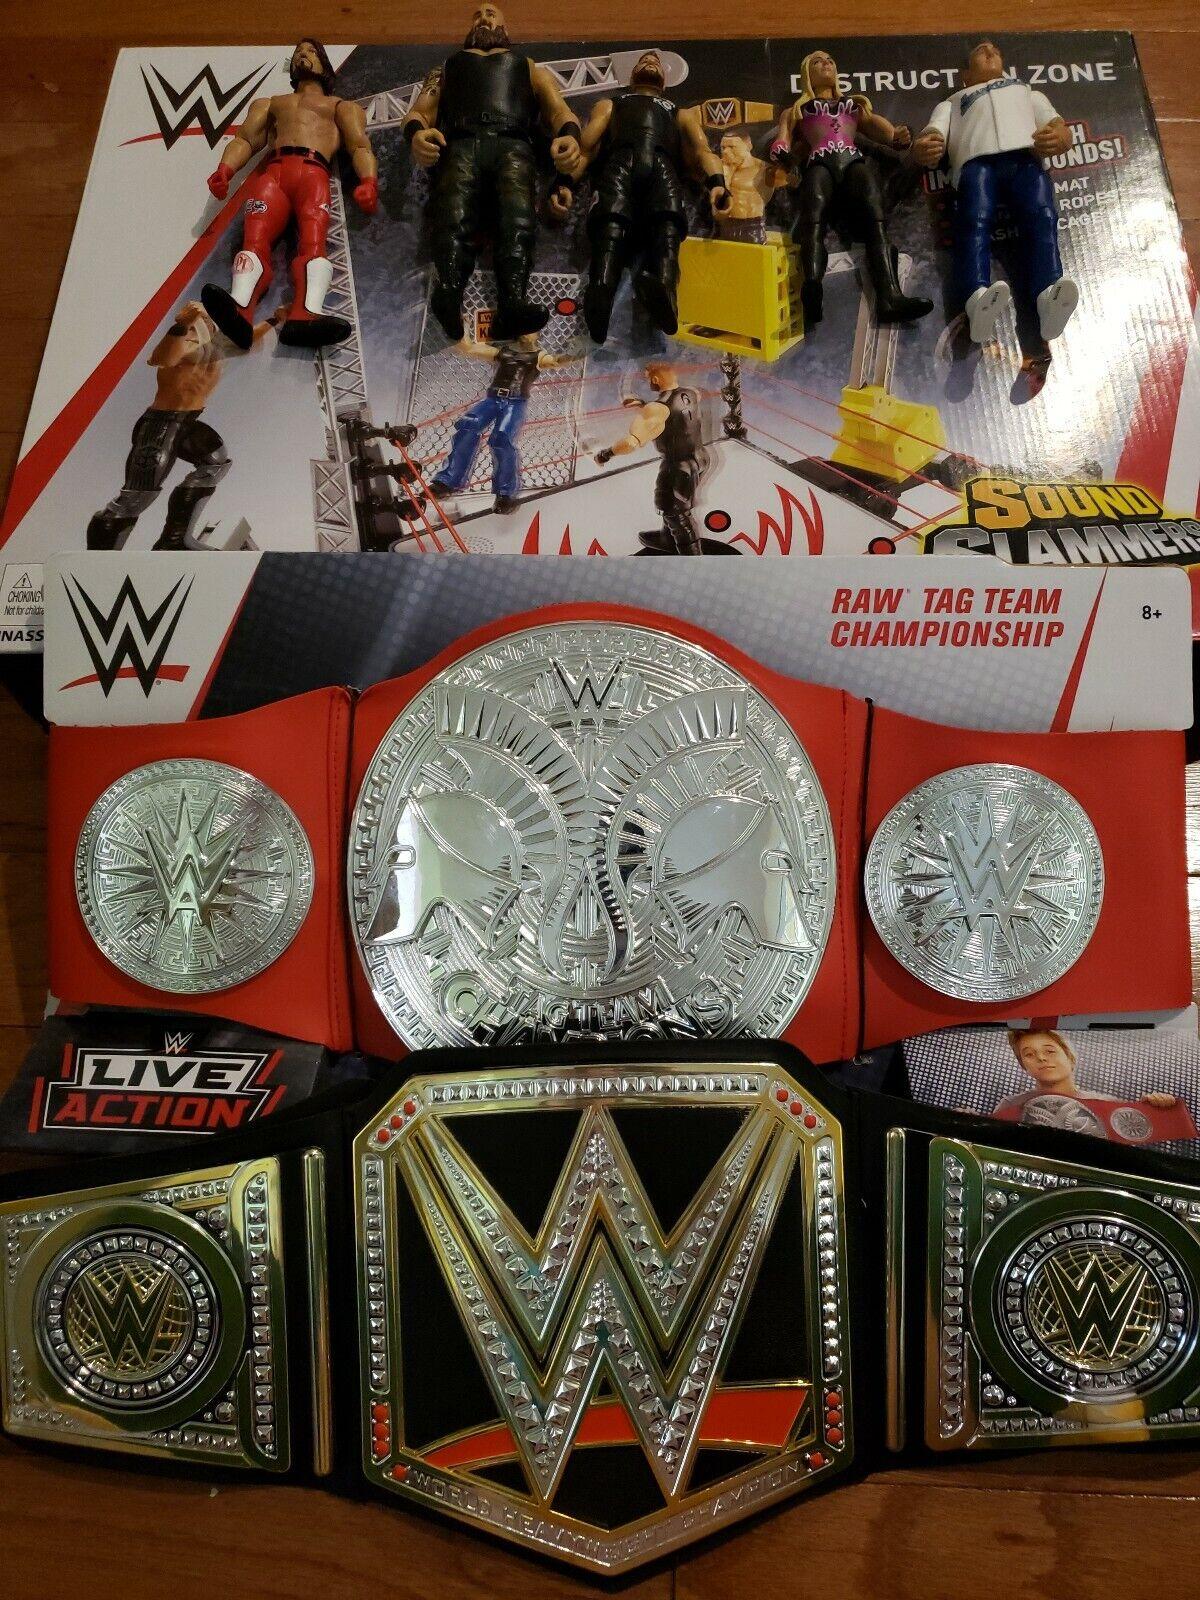 WWE suono Slammers Destruction Destruction Destruction Zone set 2 belts 5 cifras excellent condition a281b6